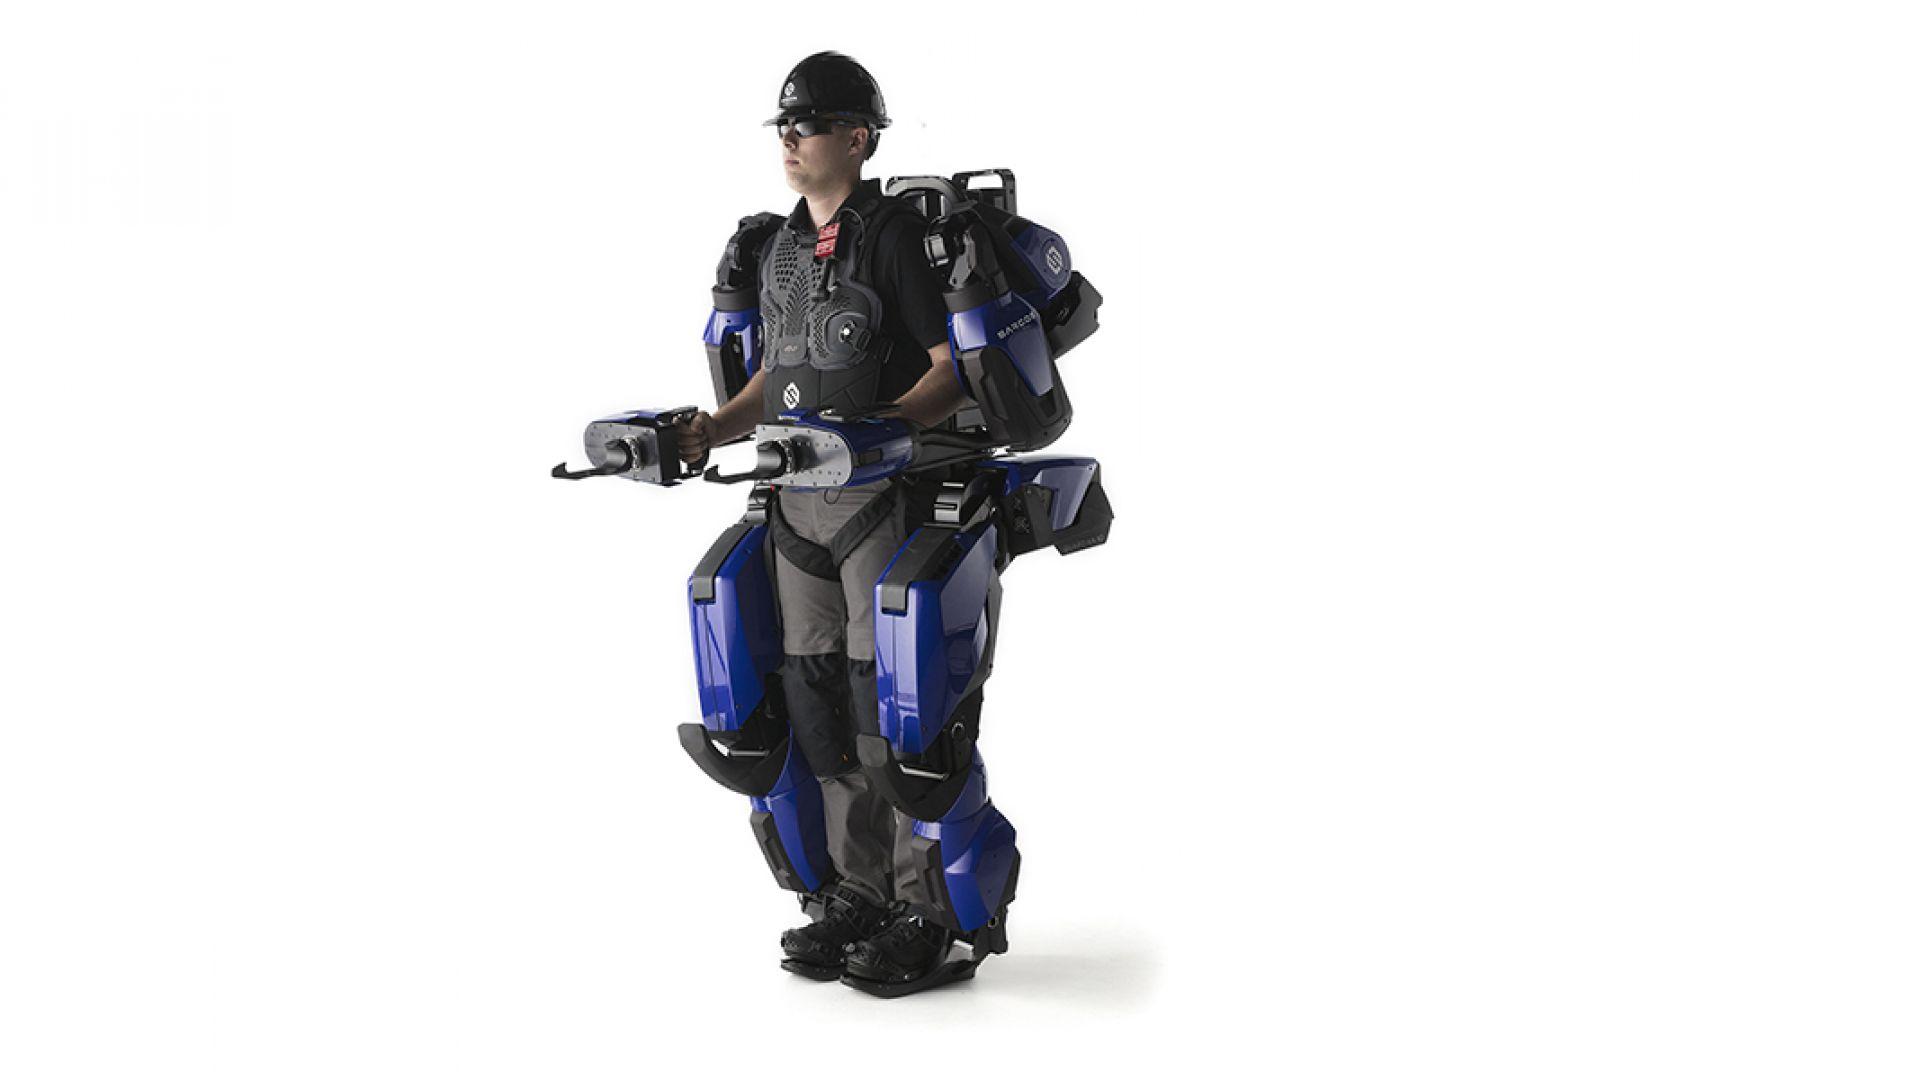 Задава се комерсиален екзоскелет с висока мобилност